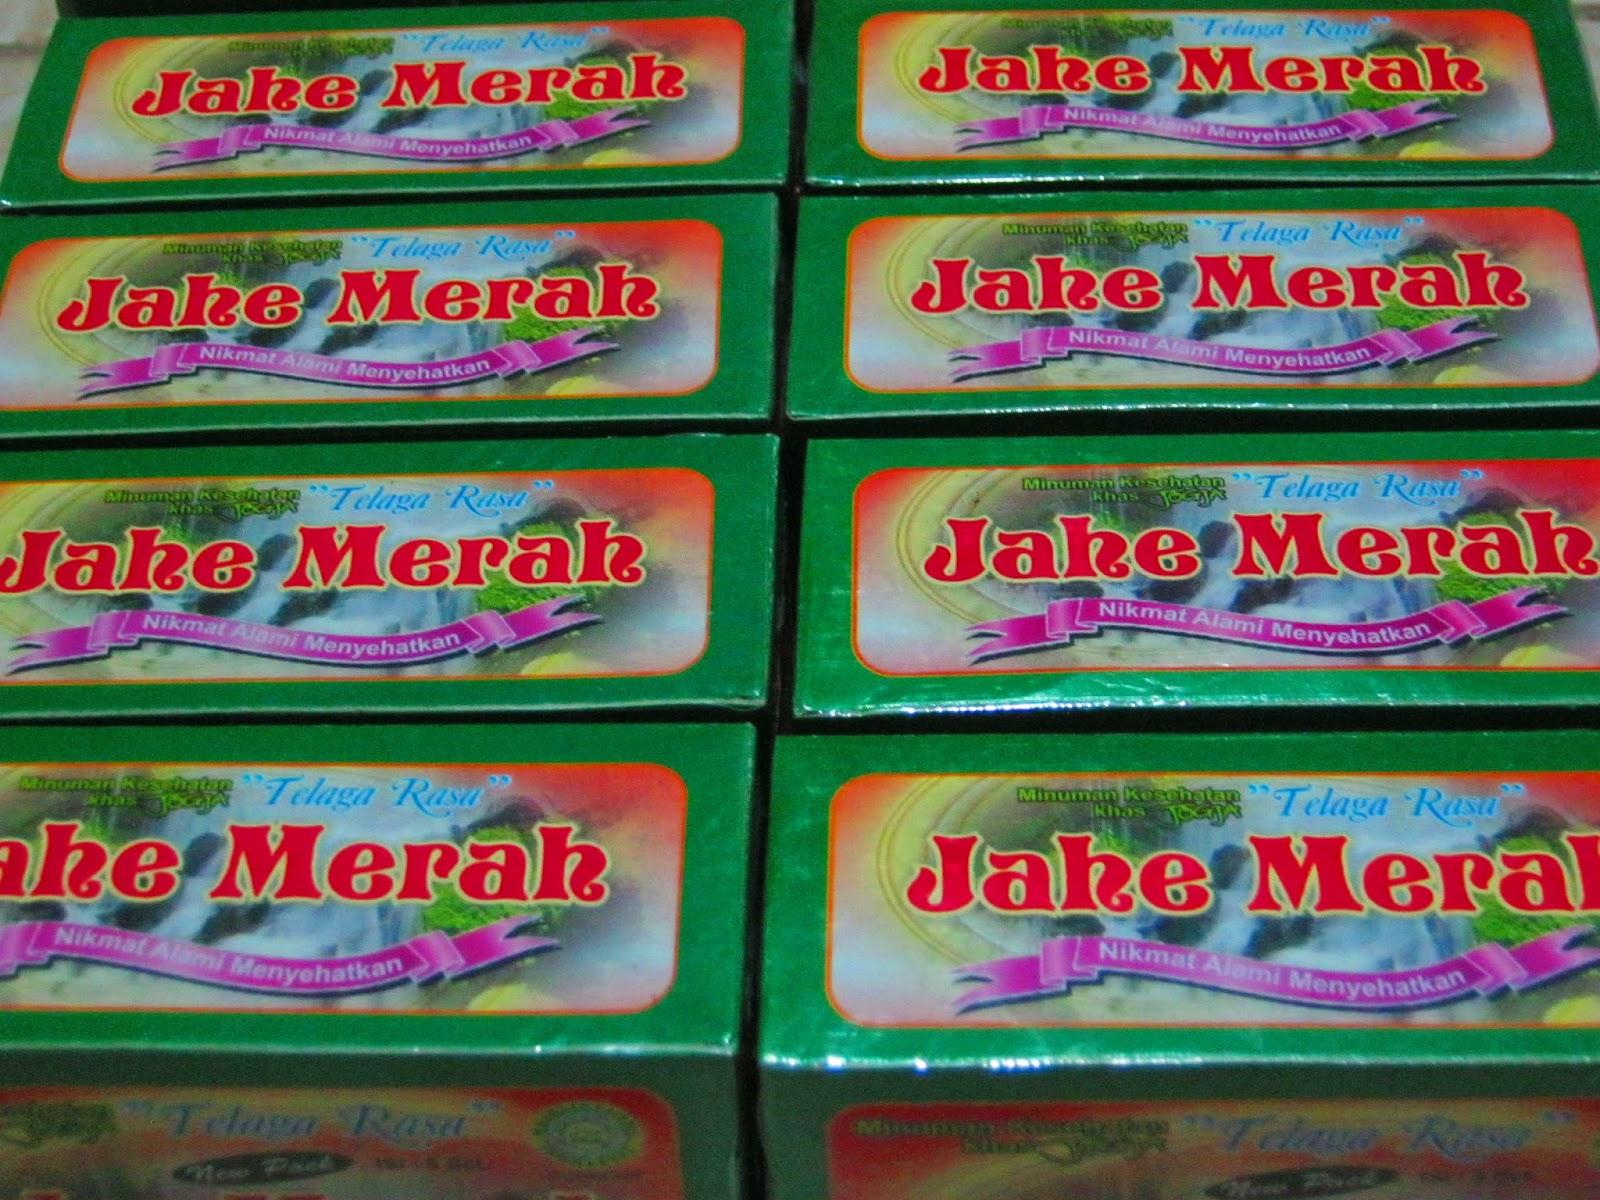 jahe merah, minuman kesehatan, minuman herbal, herbal jahe merah, herbal alami, telaga rasa, khasiat jahe merah, manfaat jahe merah